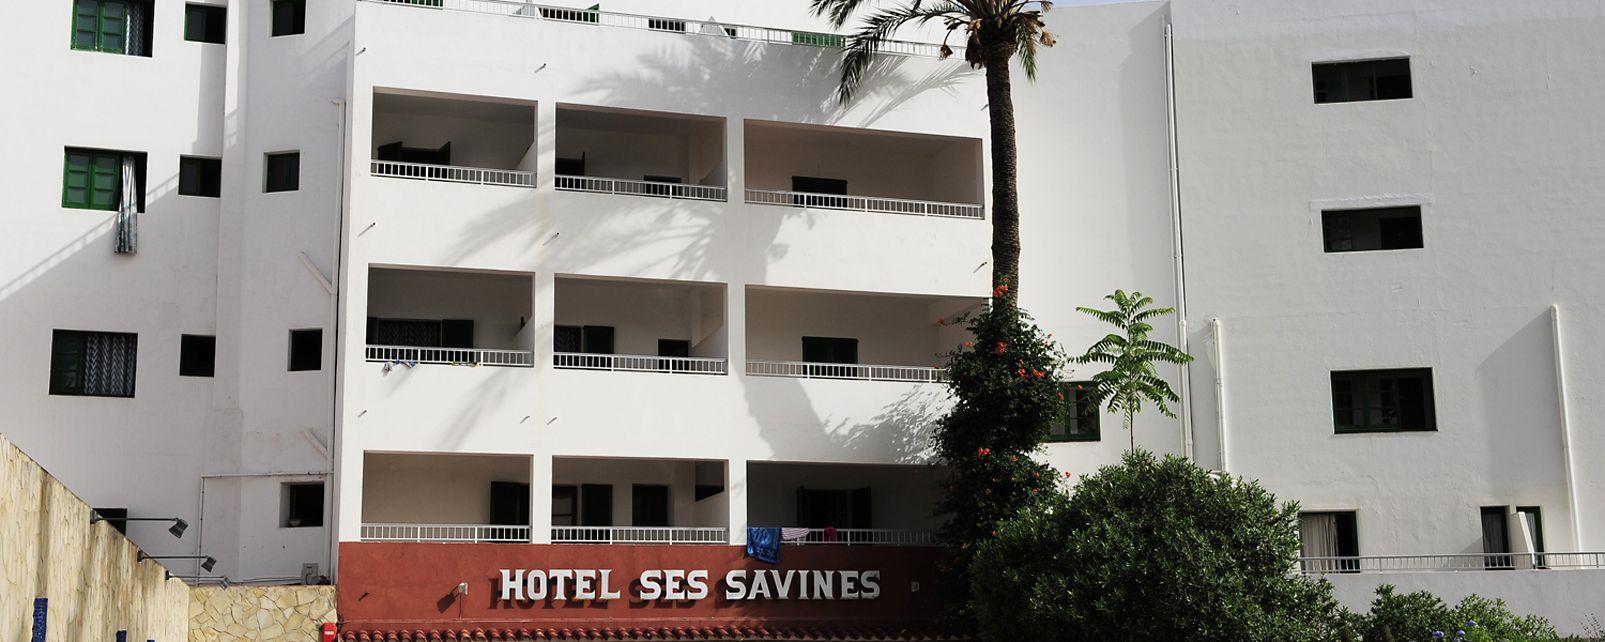 Hôtel Ses Savines